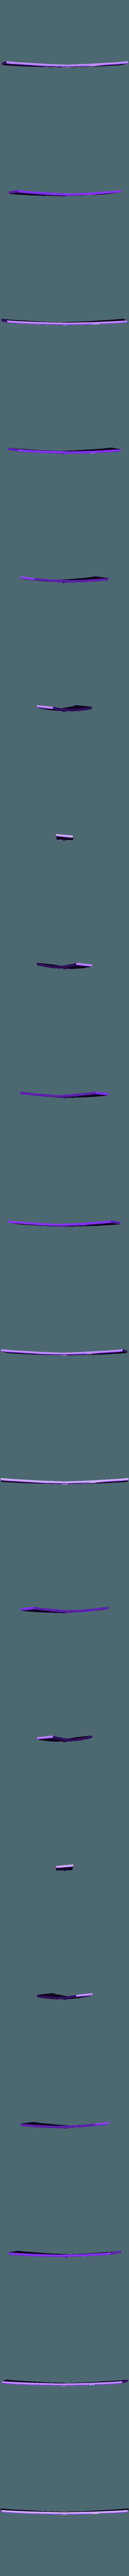 plaque_logo.stl Télécharger fichier STL gratuit rc truck 1/14 FH body • Objet à imprimer en 3D, r083726